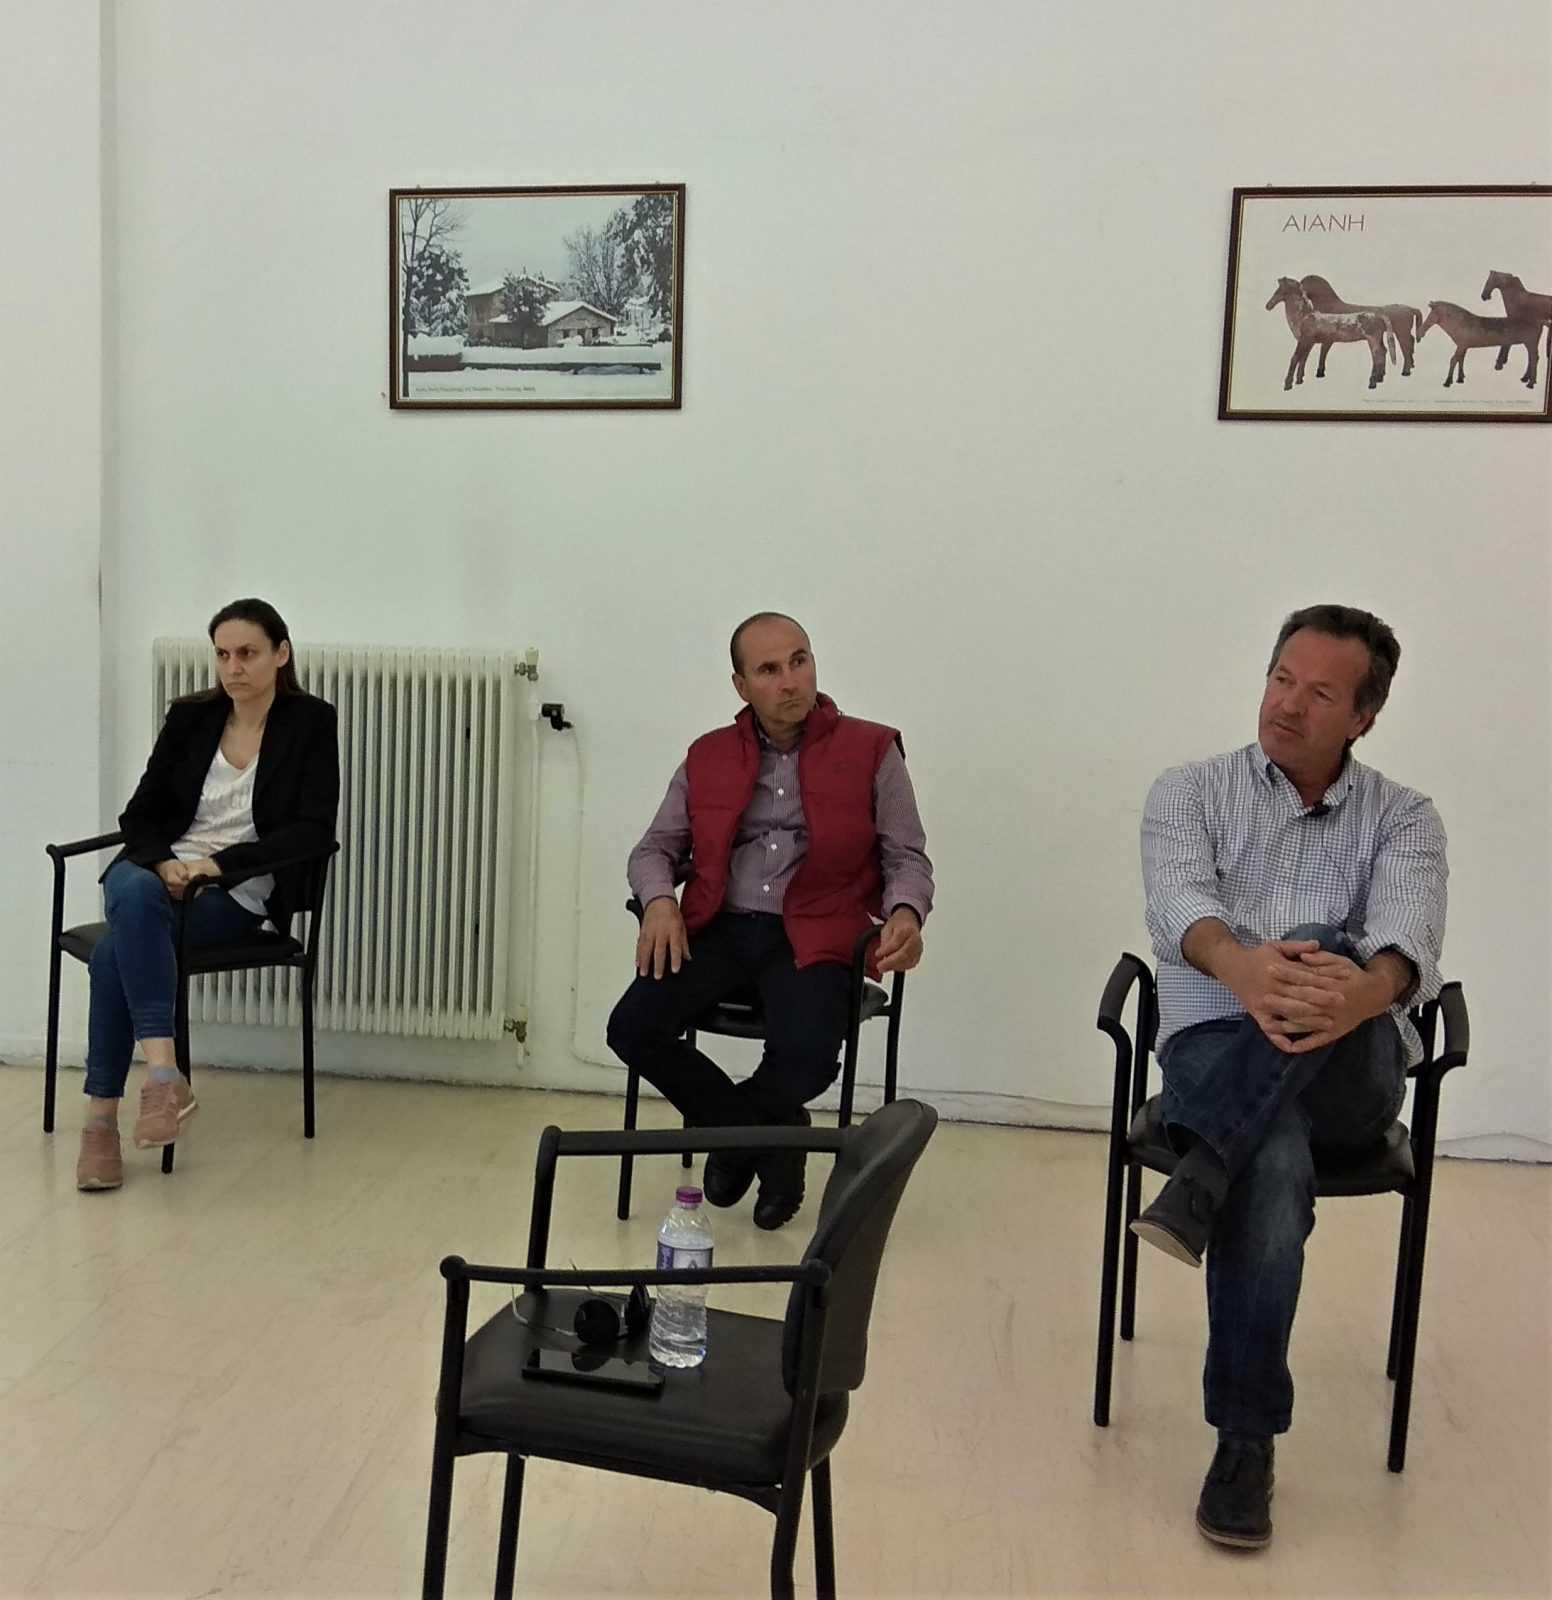 Ενημερωτική συνάντηση δημάρχου Κοζάνης & μελών του κοινοτικού συμβουλίου Αιανής για την έλευση προσφύγων-μεταναστών. Έντονη η αγωνία - Zητούμενο όλων η επόμενη μέρα και οι συνθήκες ασφαλούς συνύπαρξης